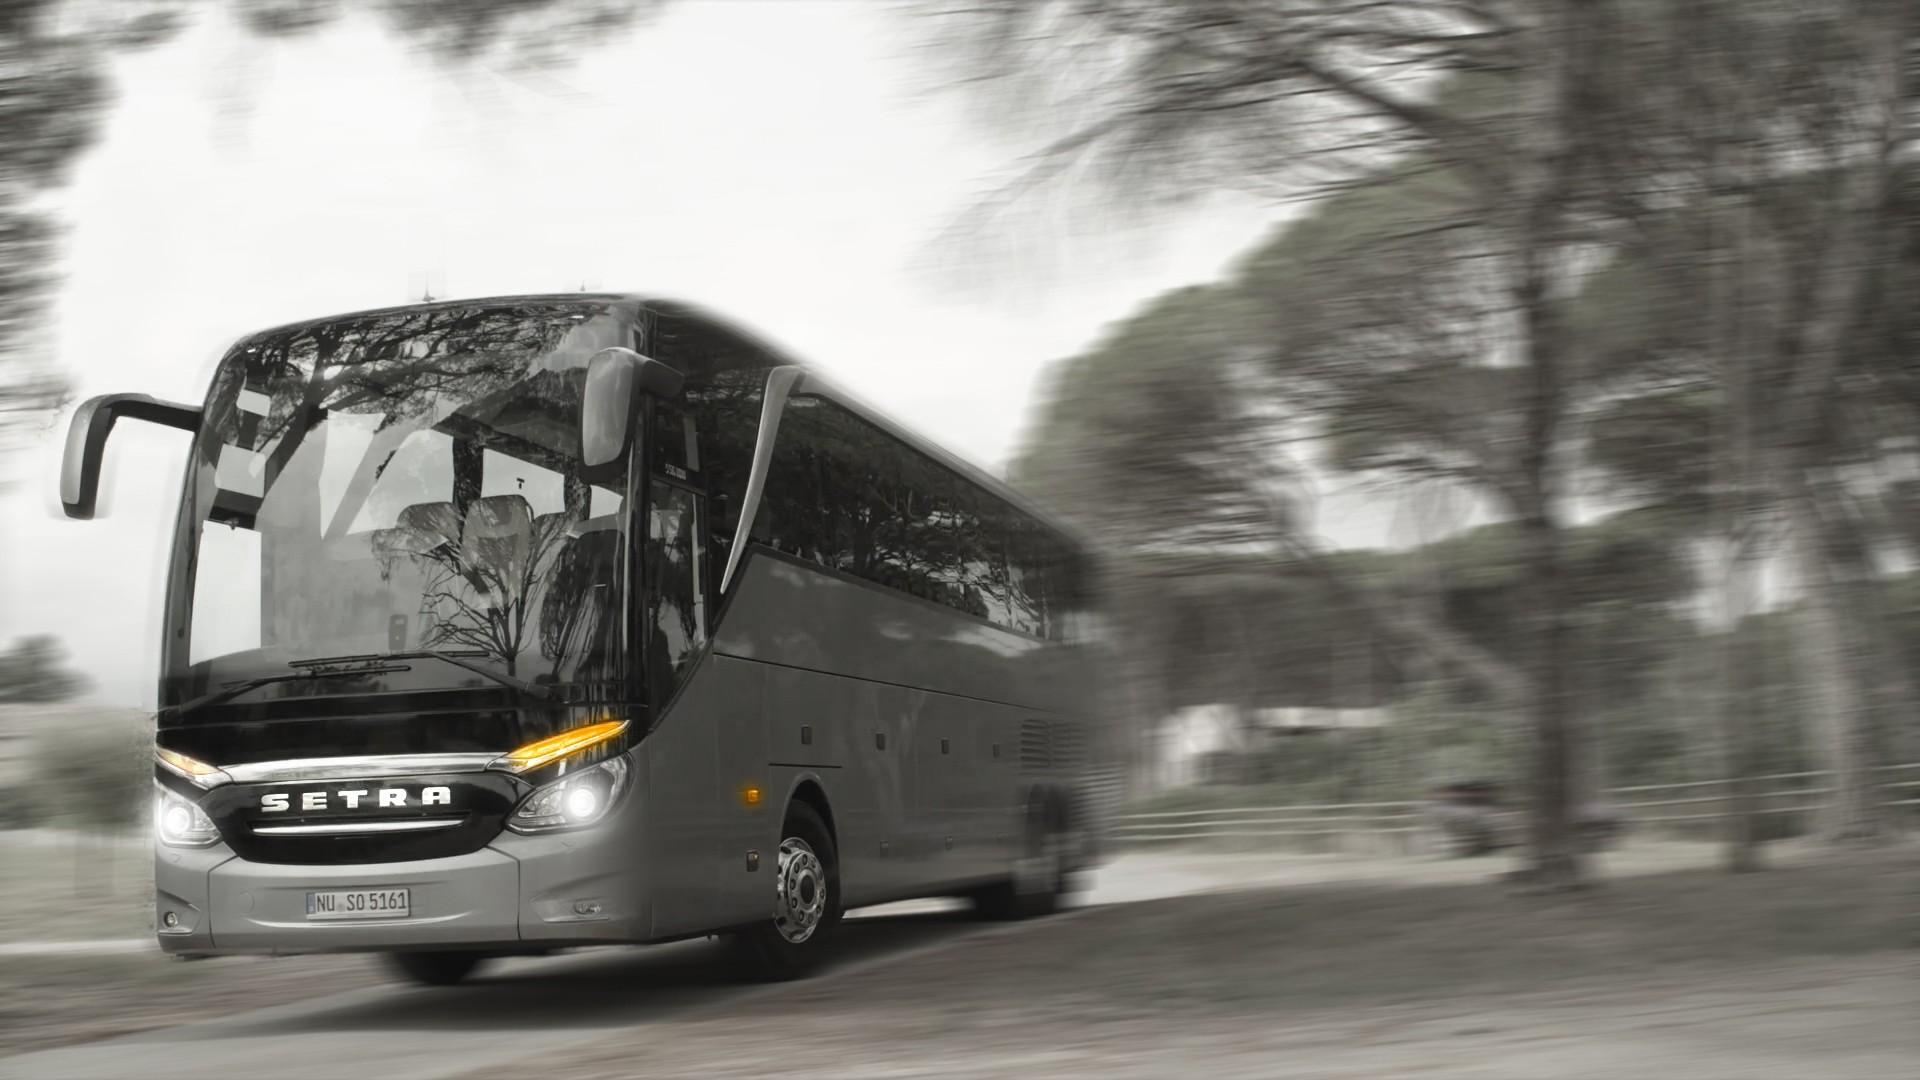 Обои автобусы. Разное foto 17